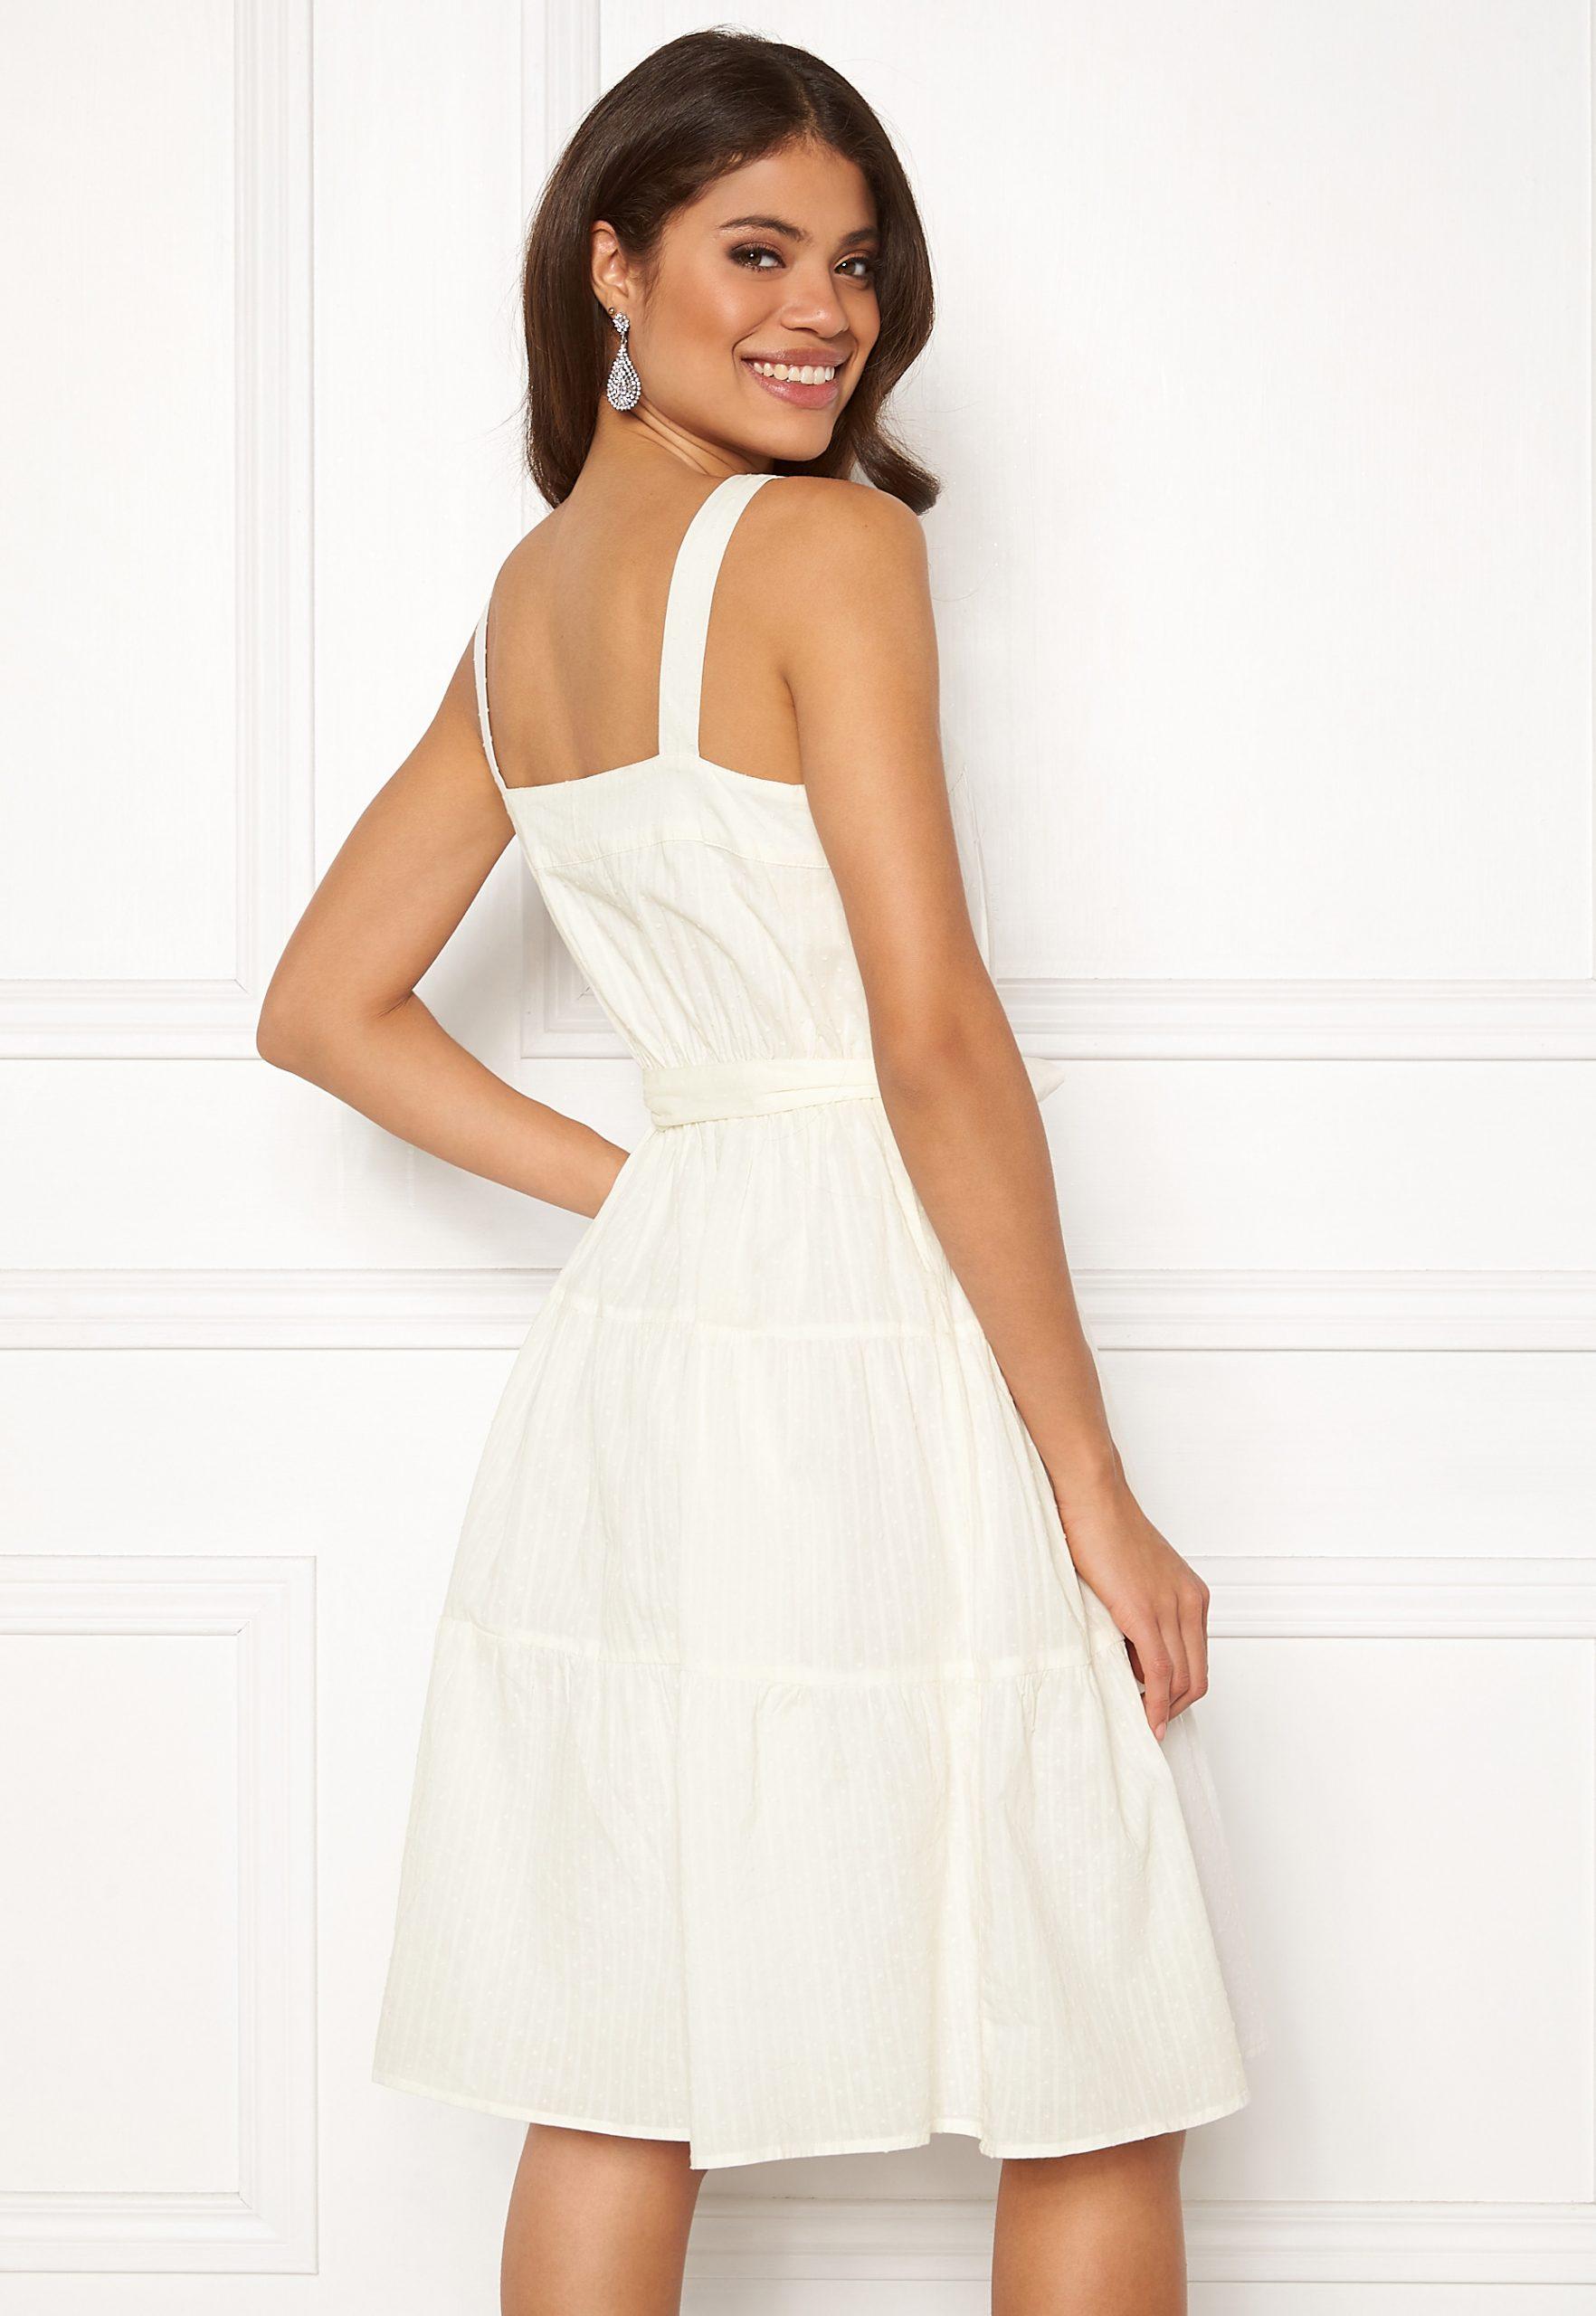 10 Fantastisch Abendkleid Vero Moda Ärmel Erstaunlich Abendkleid Vero Moda Stylish